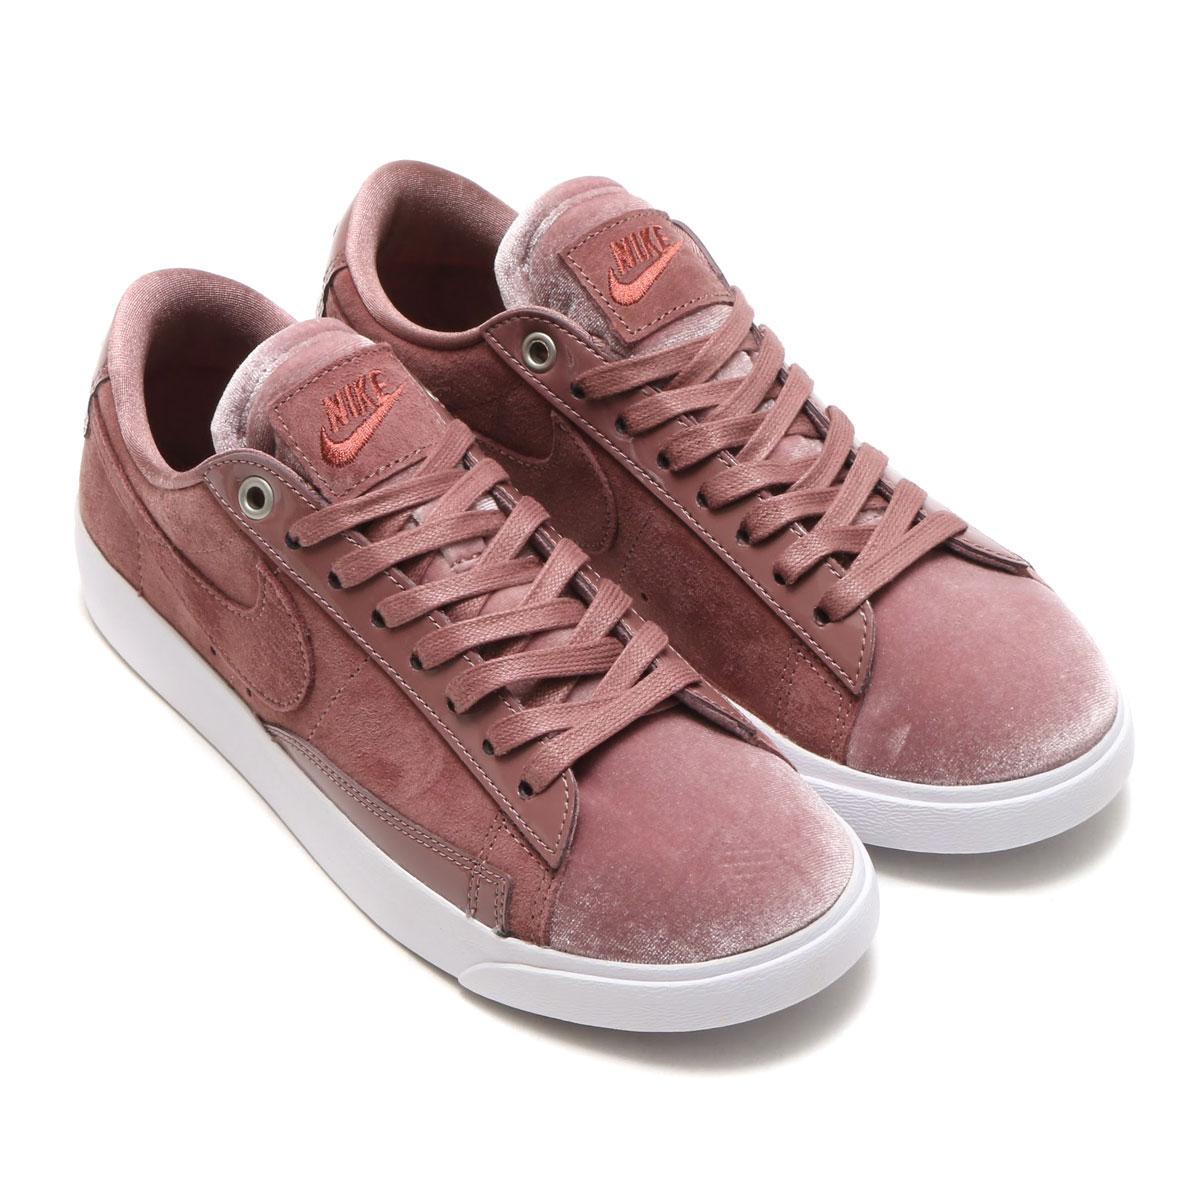 NIKE W BLAZER LOW LX (Nike women blazer low LX) (SMOKEY MAUVE RED  SEPIA-WHITE) 17HO-S c057a24c1